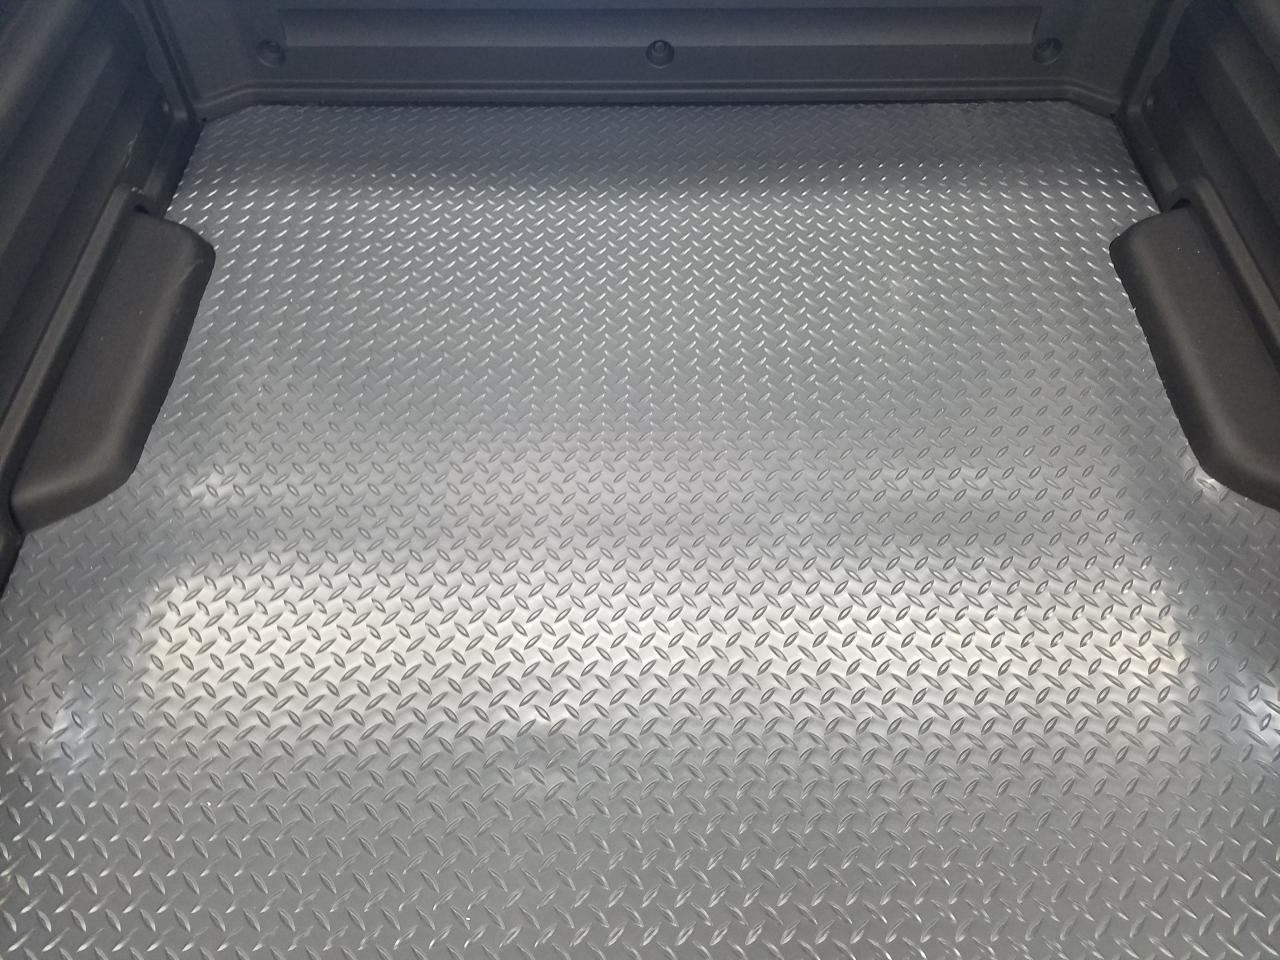 248466-2017-ridgeline-bed-mat-2017-ridgeline-bed-mat-4-.jpg